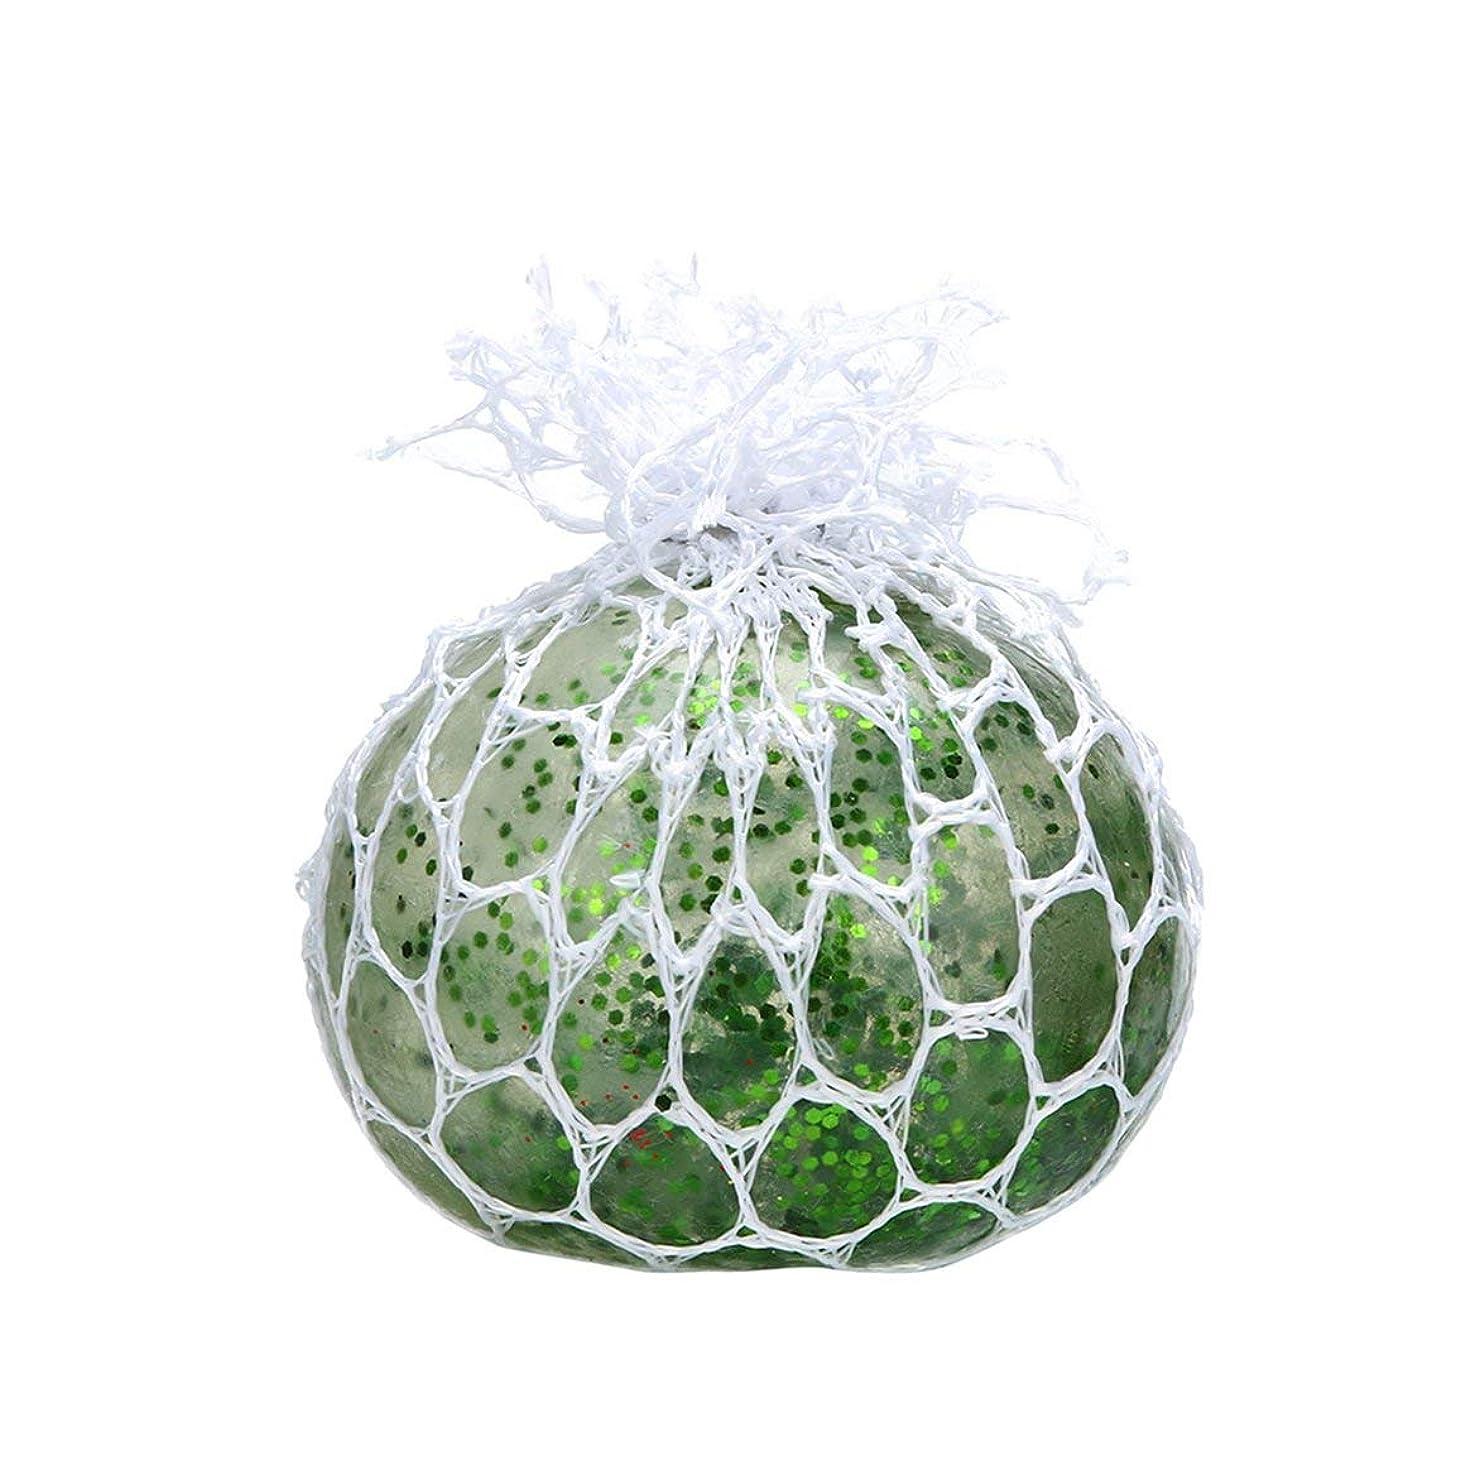 胆嚢架空のスキップストレスリリーフボールNovetlyスクイーズボールハンドリスト運動抗ストレススライムボールグッズ面白いガジェットおもちゃ-グリーン